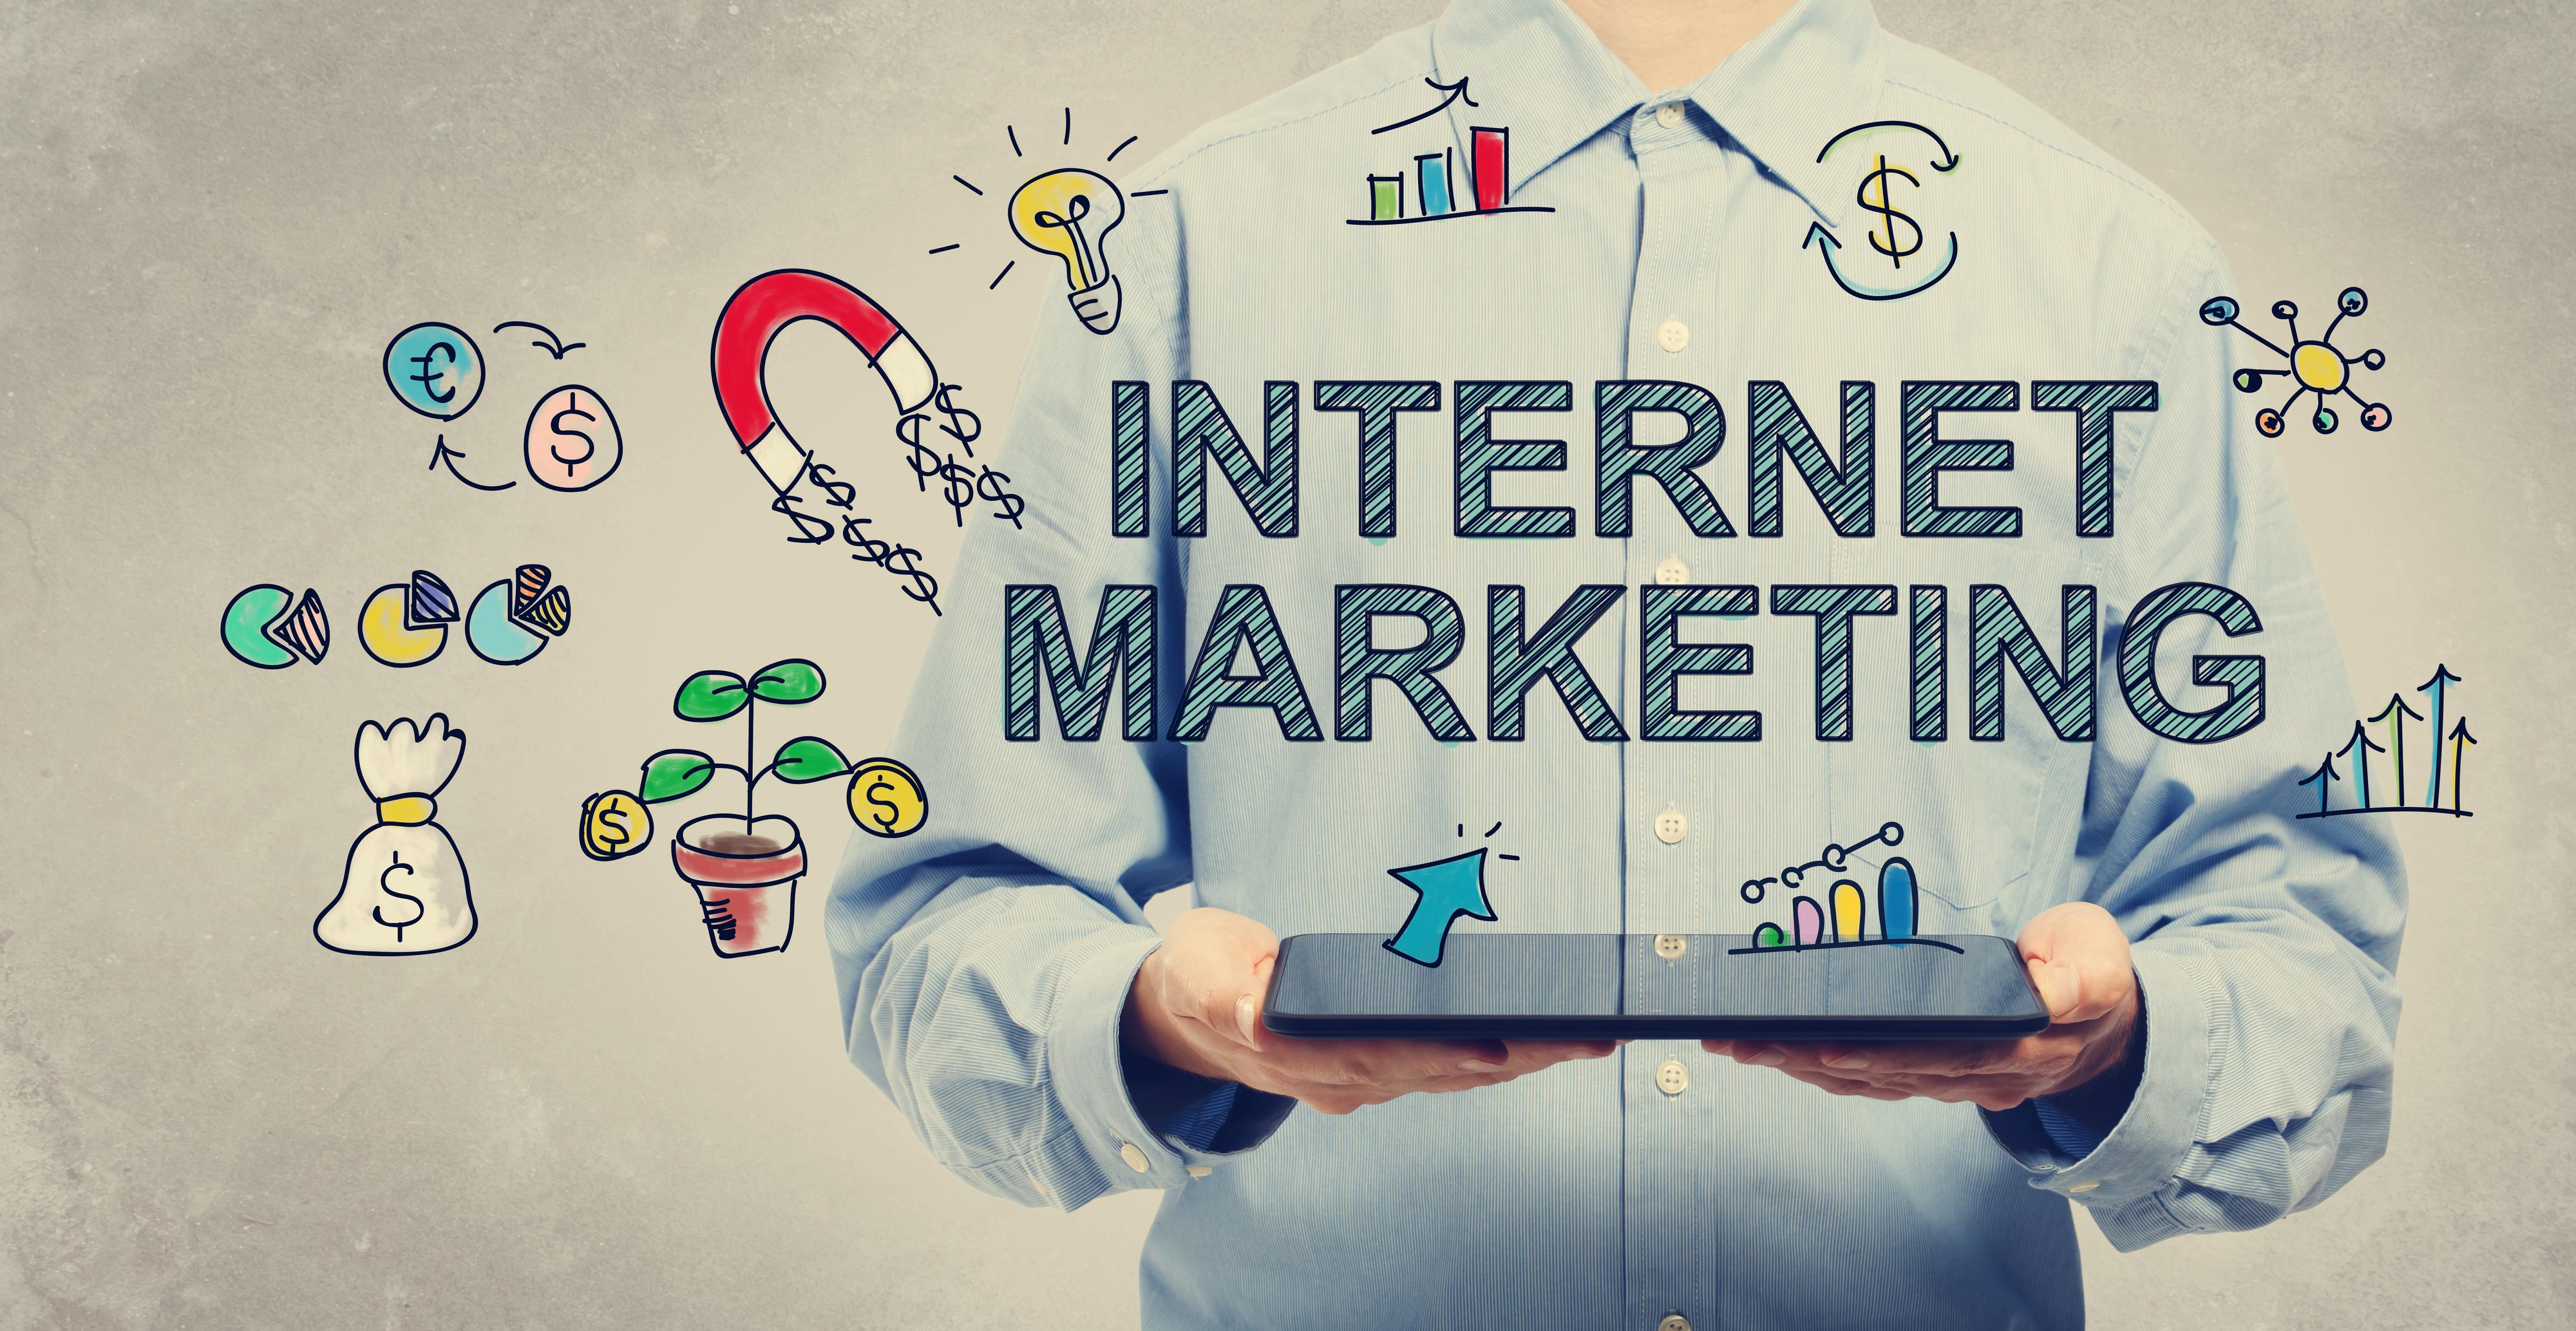 Для тех кто хочет знать об интернет маркетинге чуть больше